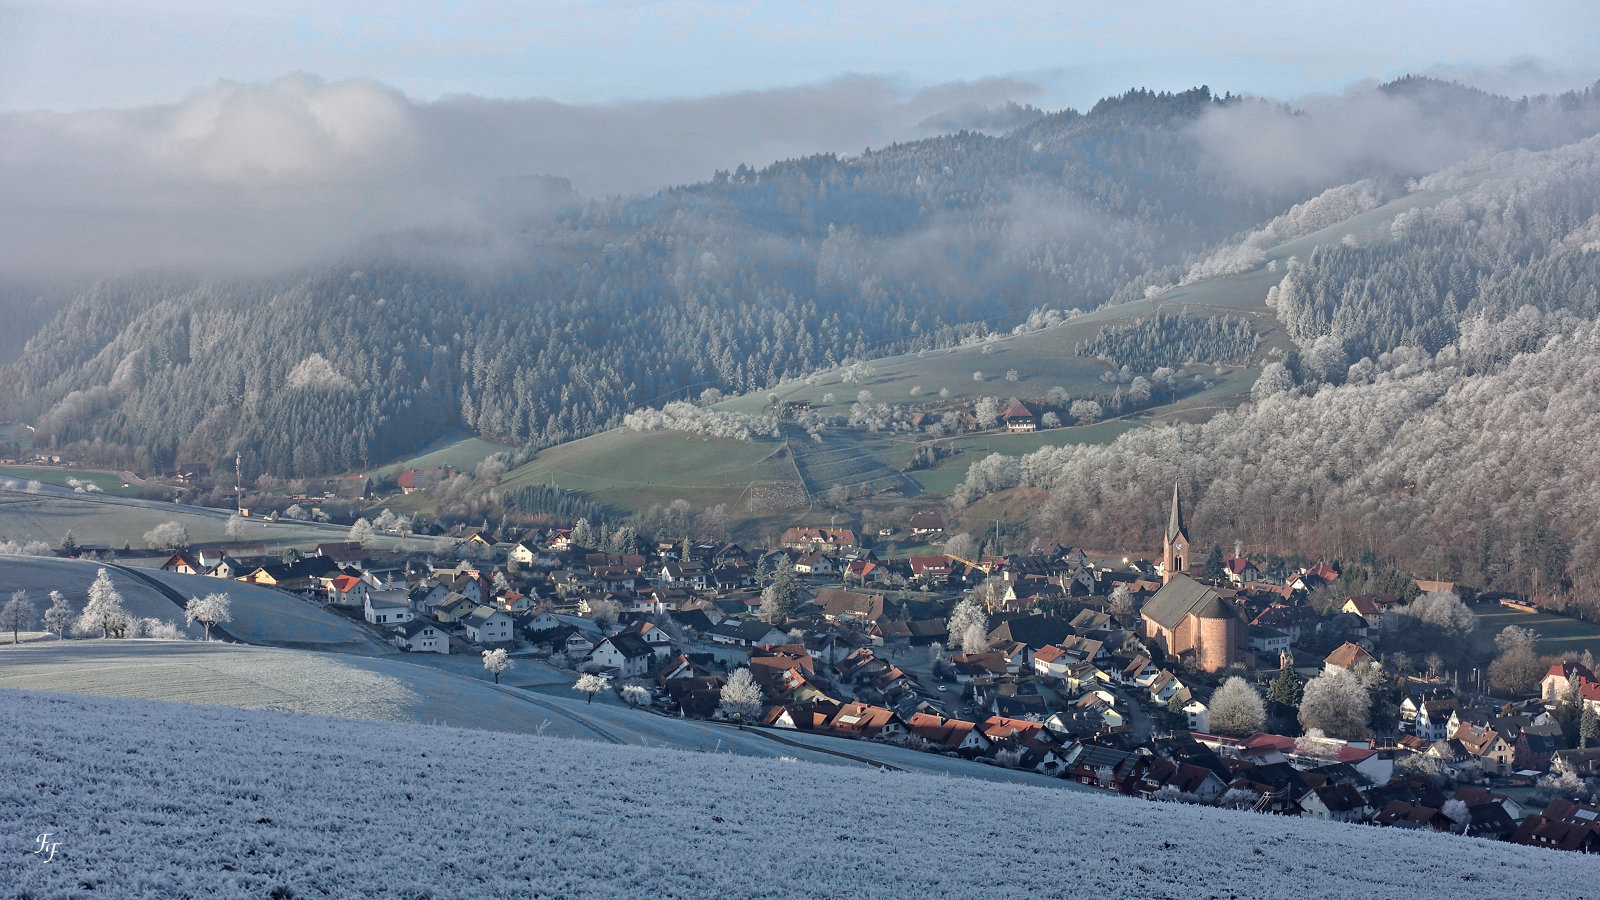 Le village engourdi 2018_112